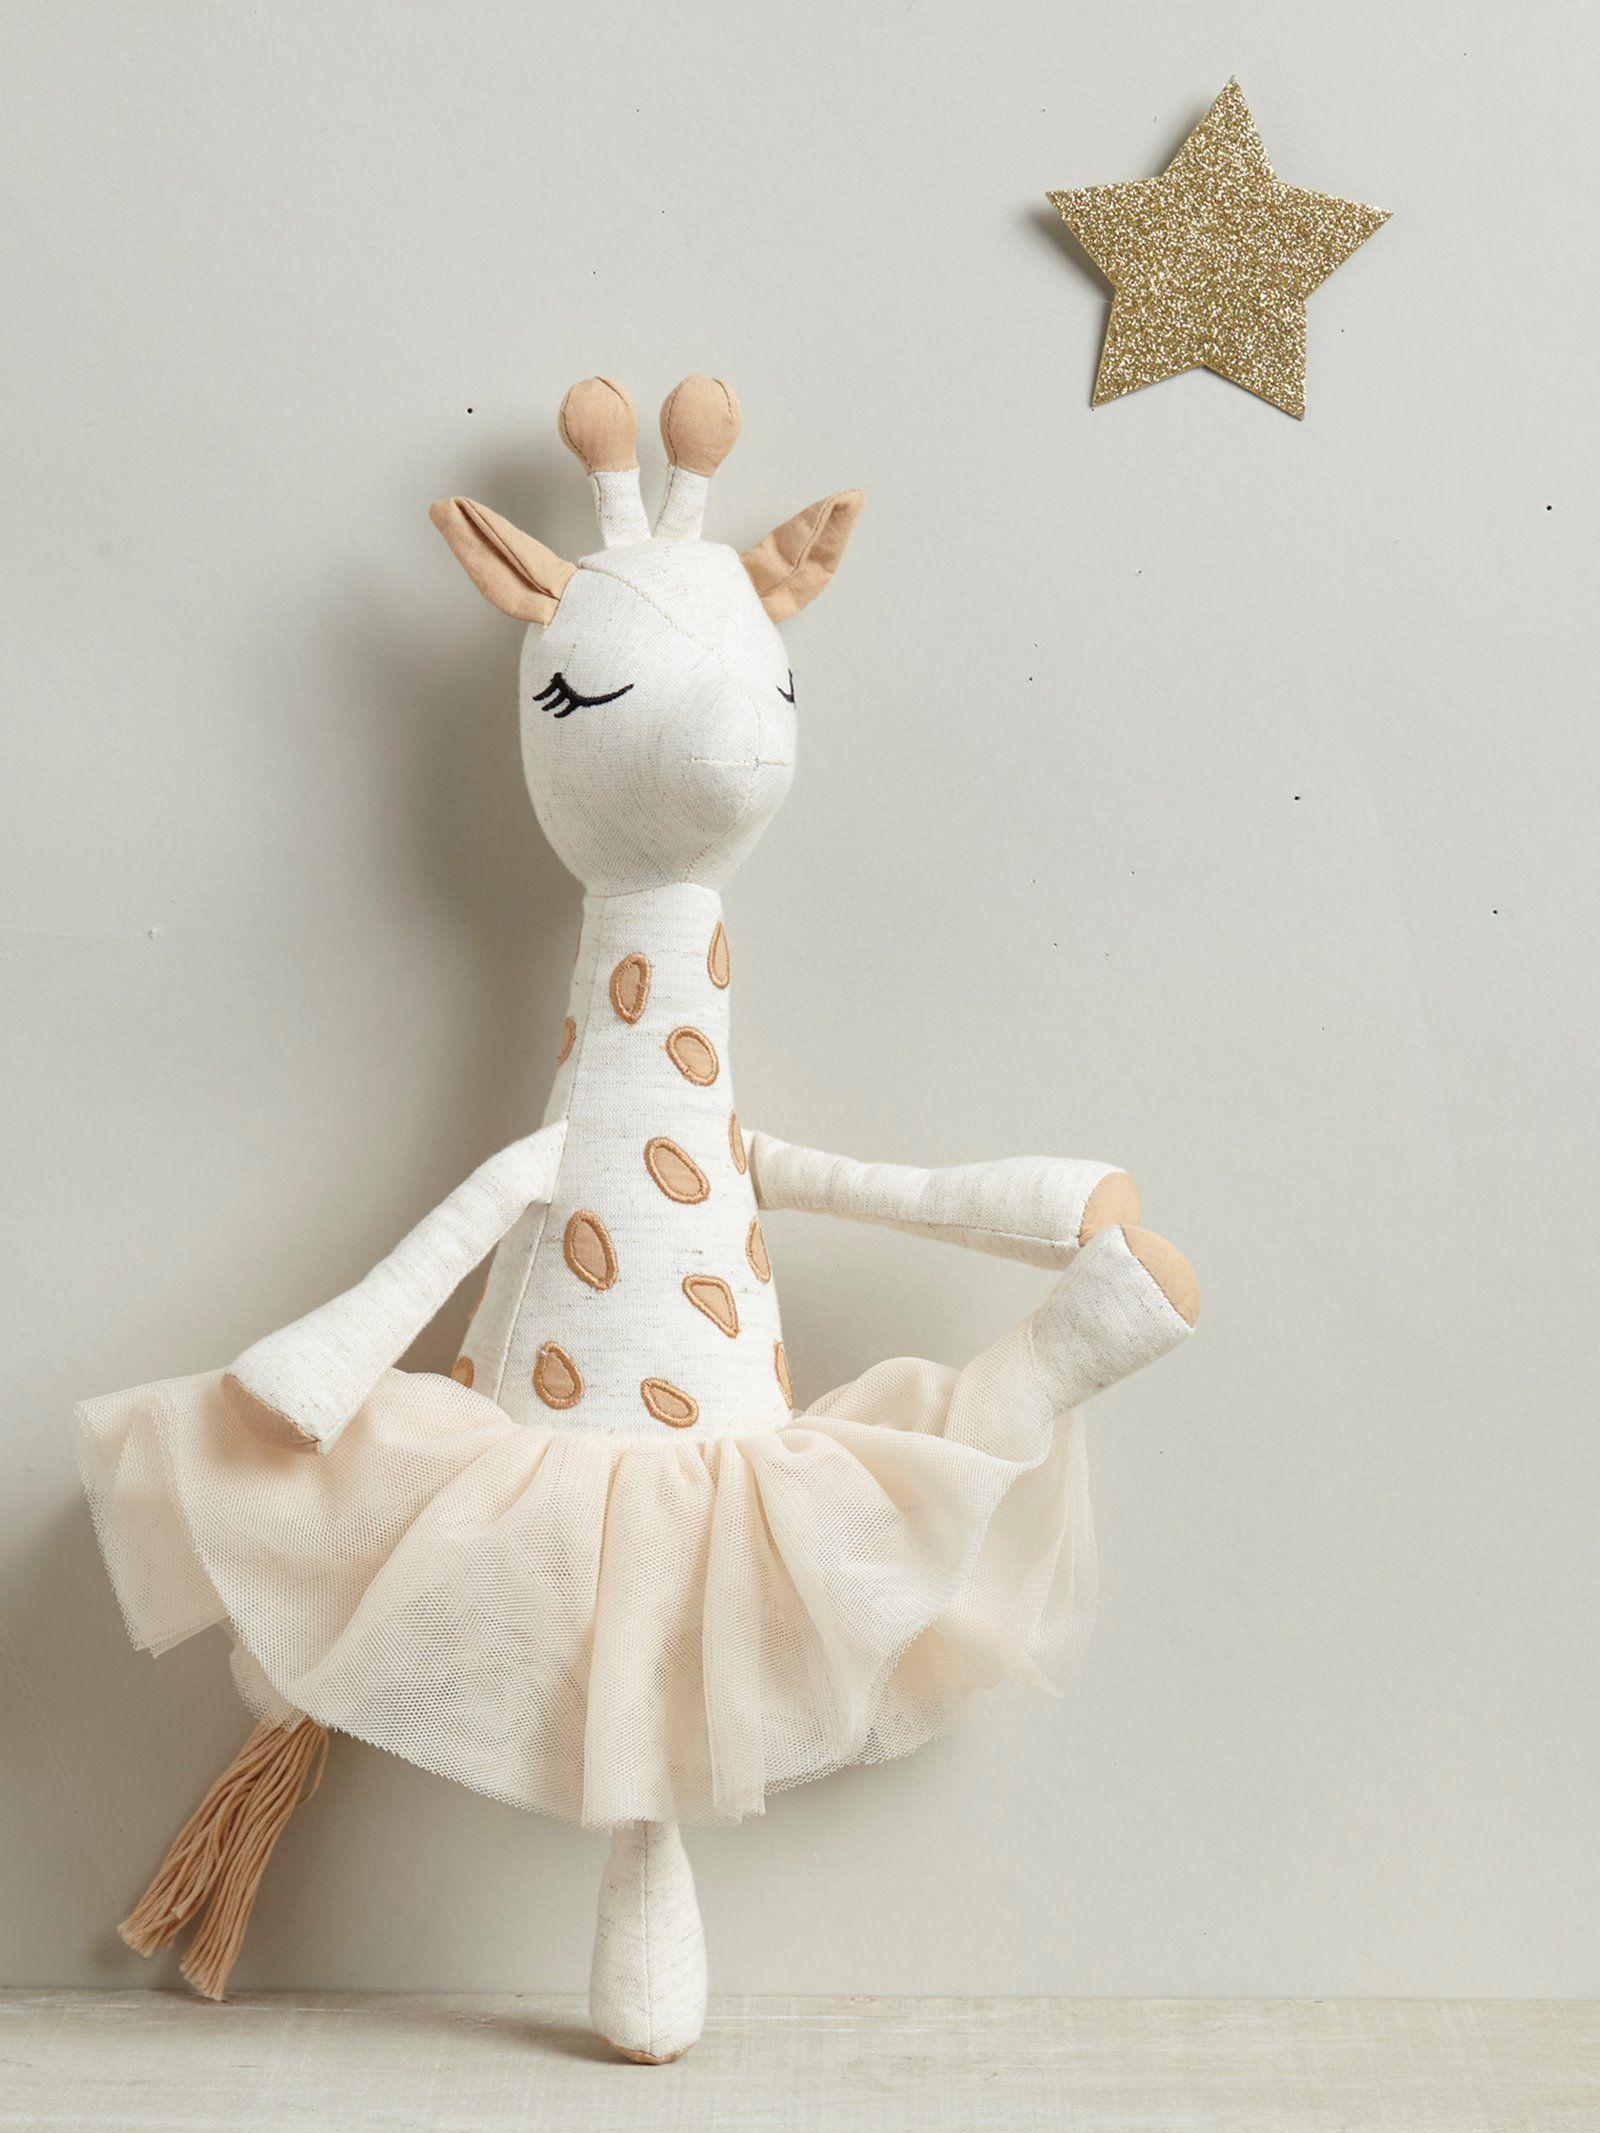 Très élégante avec son tutu, la girafe doudouest une belle idée cadeau !  Détails Tutu en tulle #handmadetoys